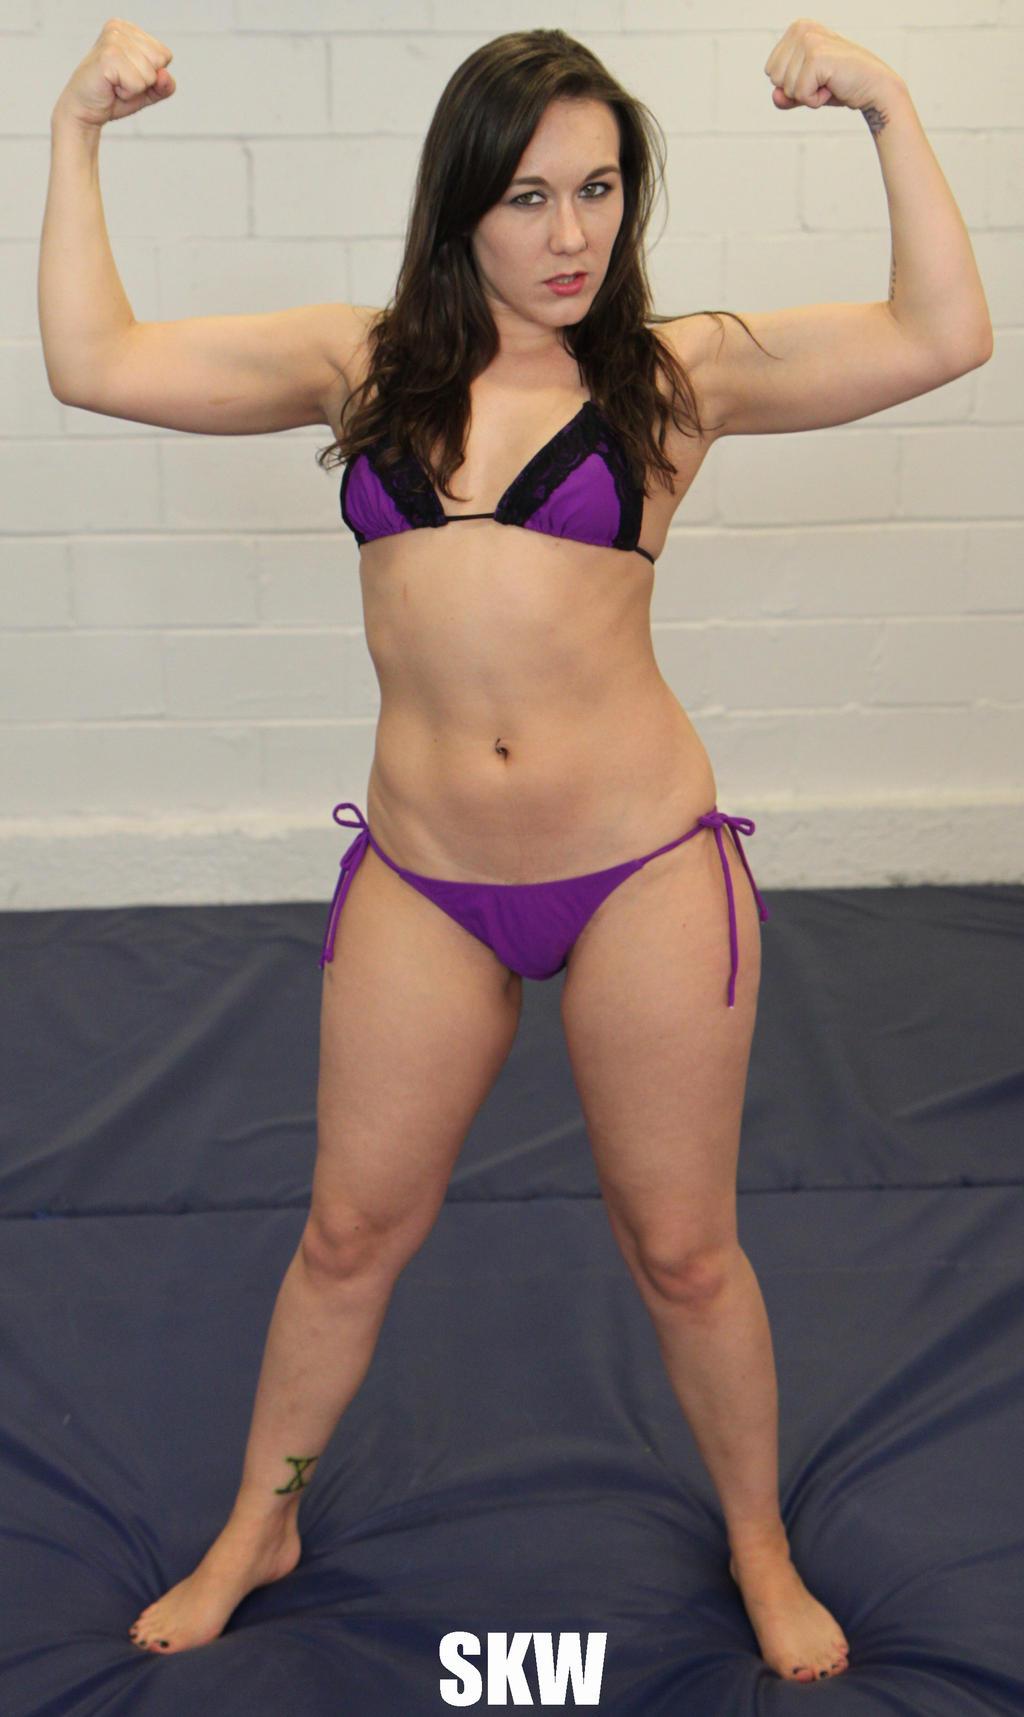 Delilah Belle Hamlin Bikini Nude Photos 96